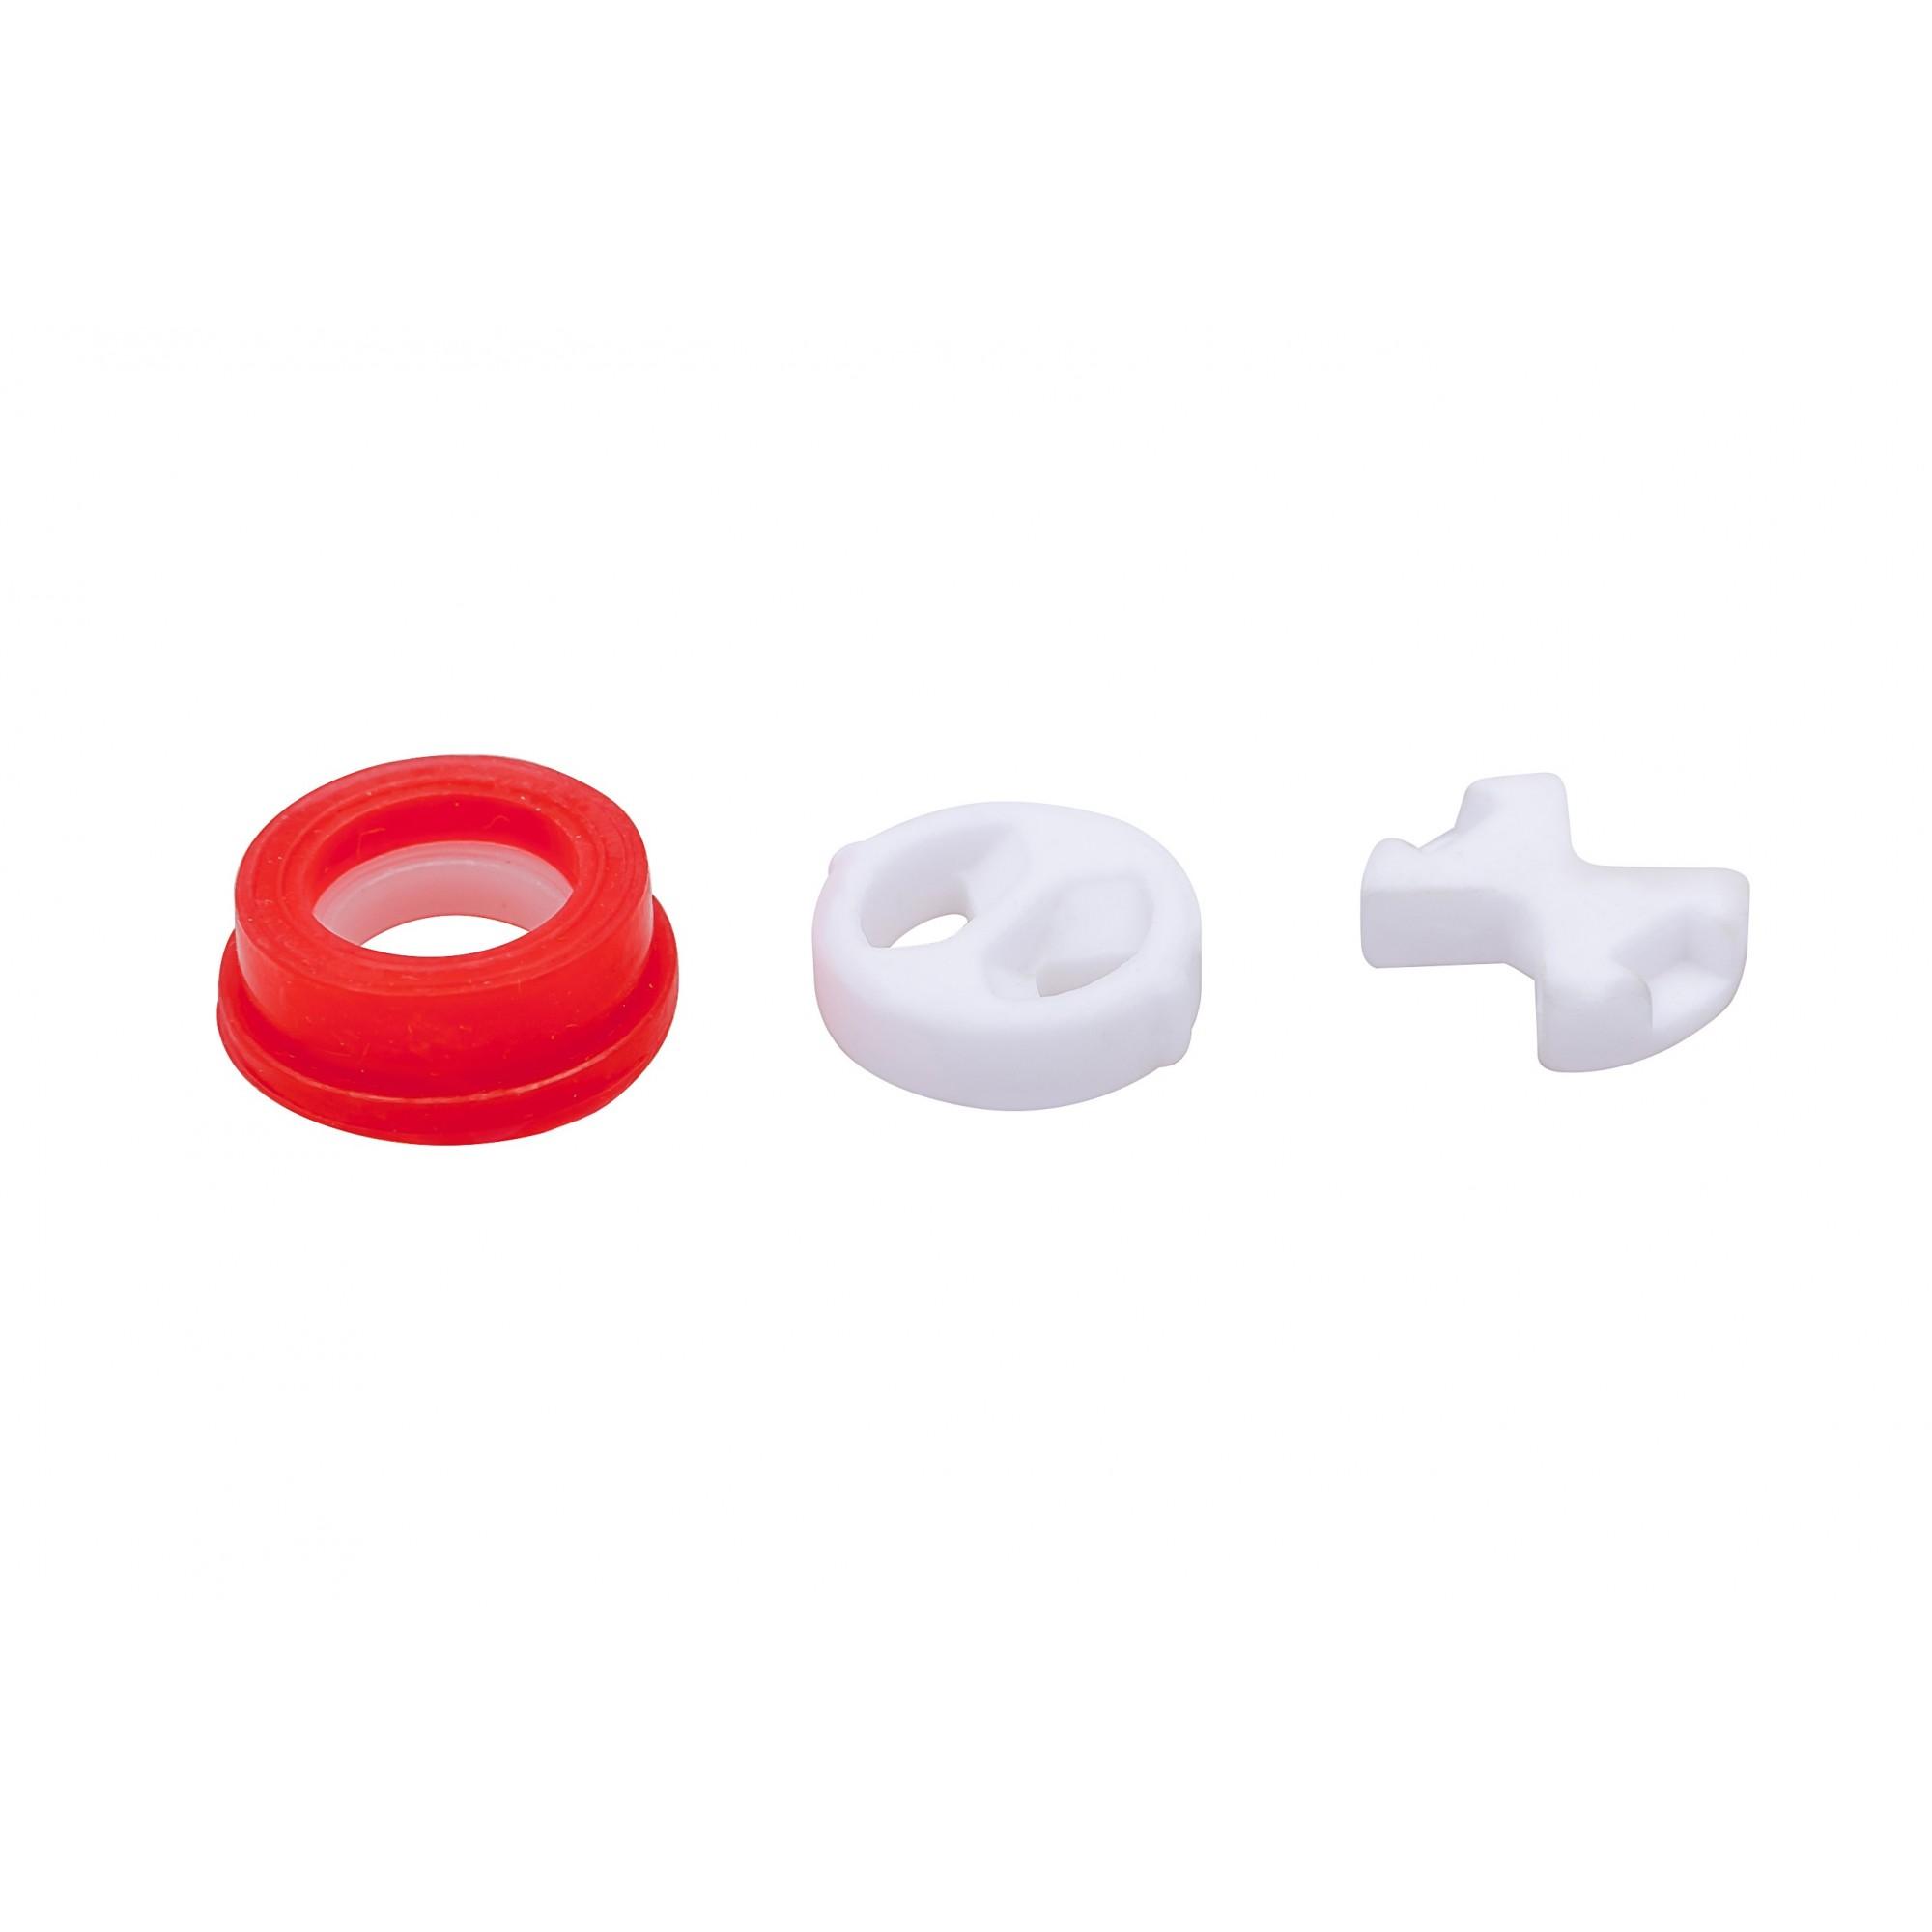 Набор прокладок для буксы 1/2, 15.5 мм упаковка 10 штук ANGO - 1